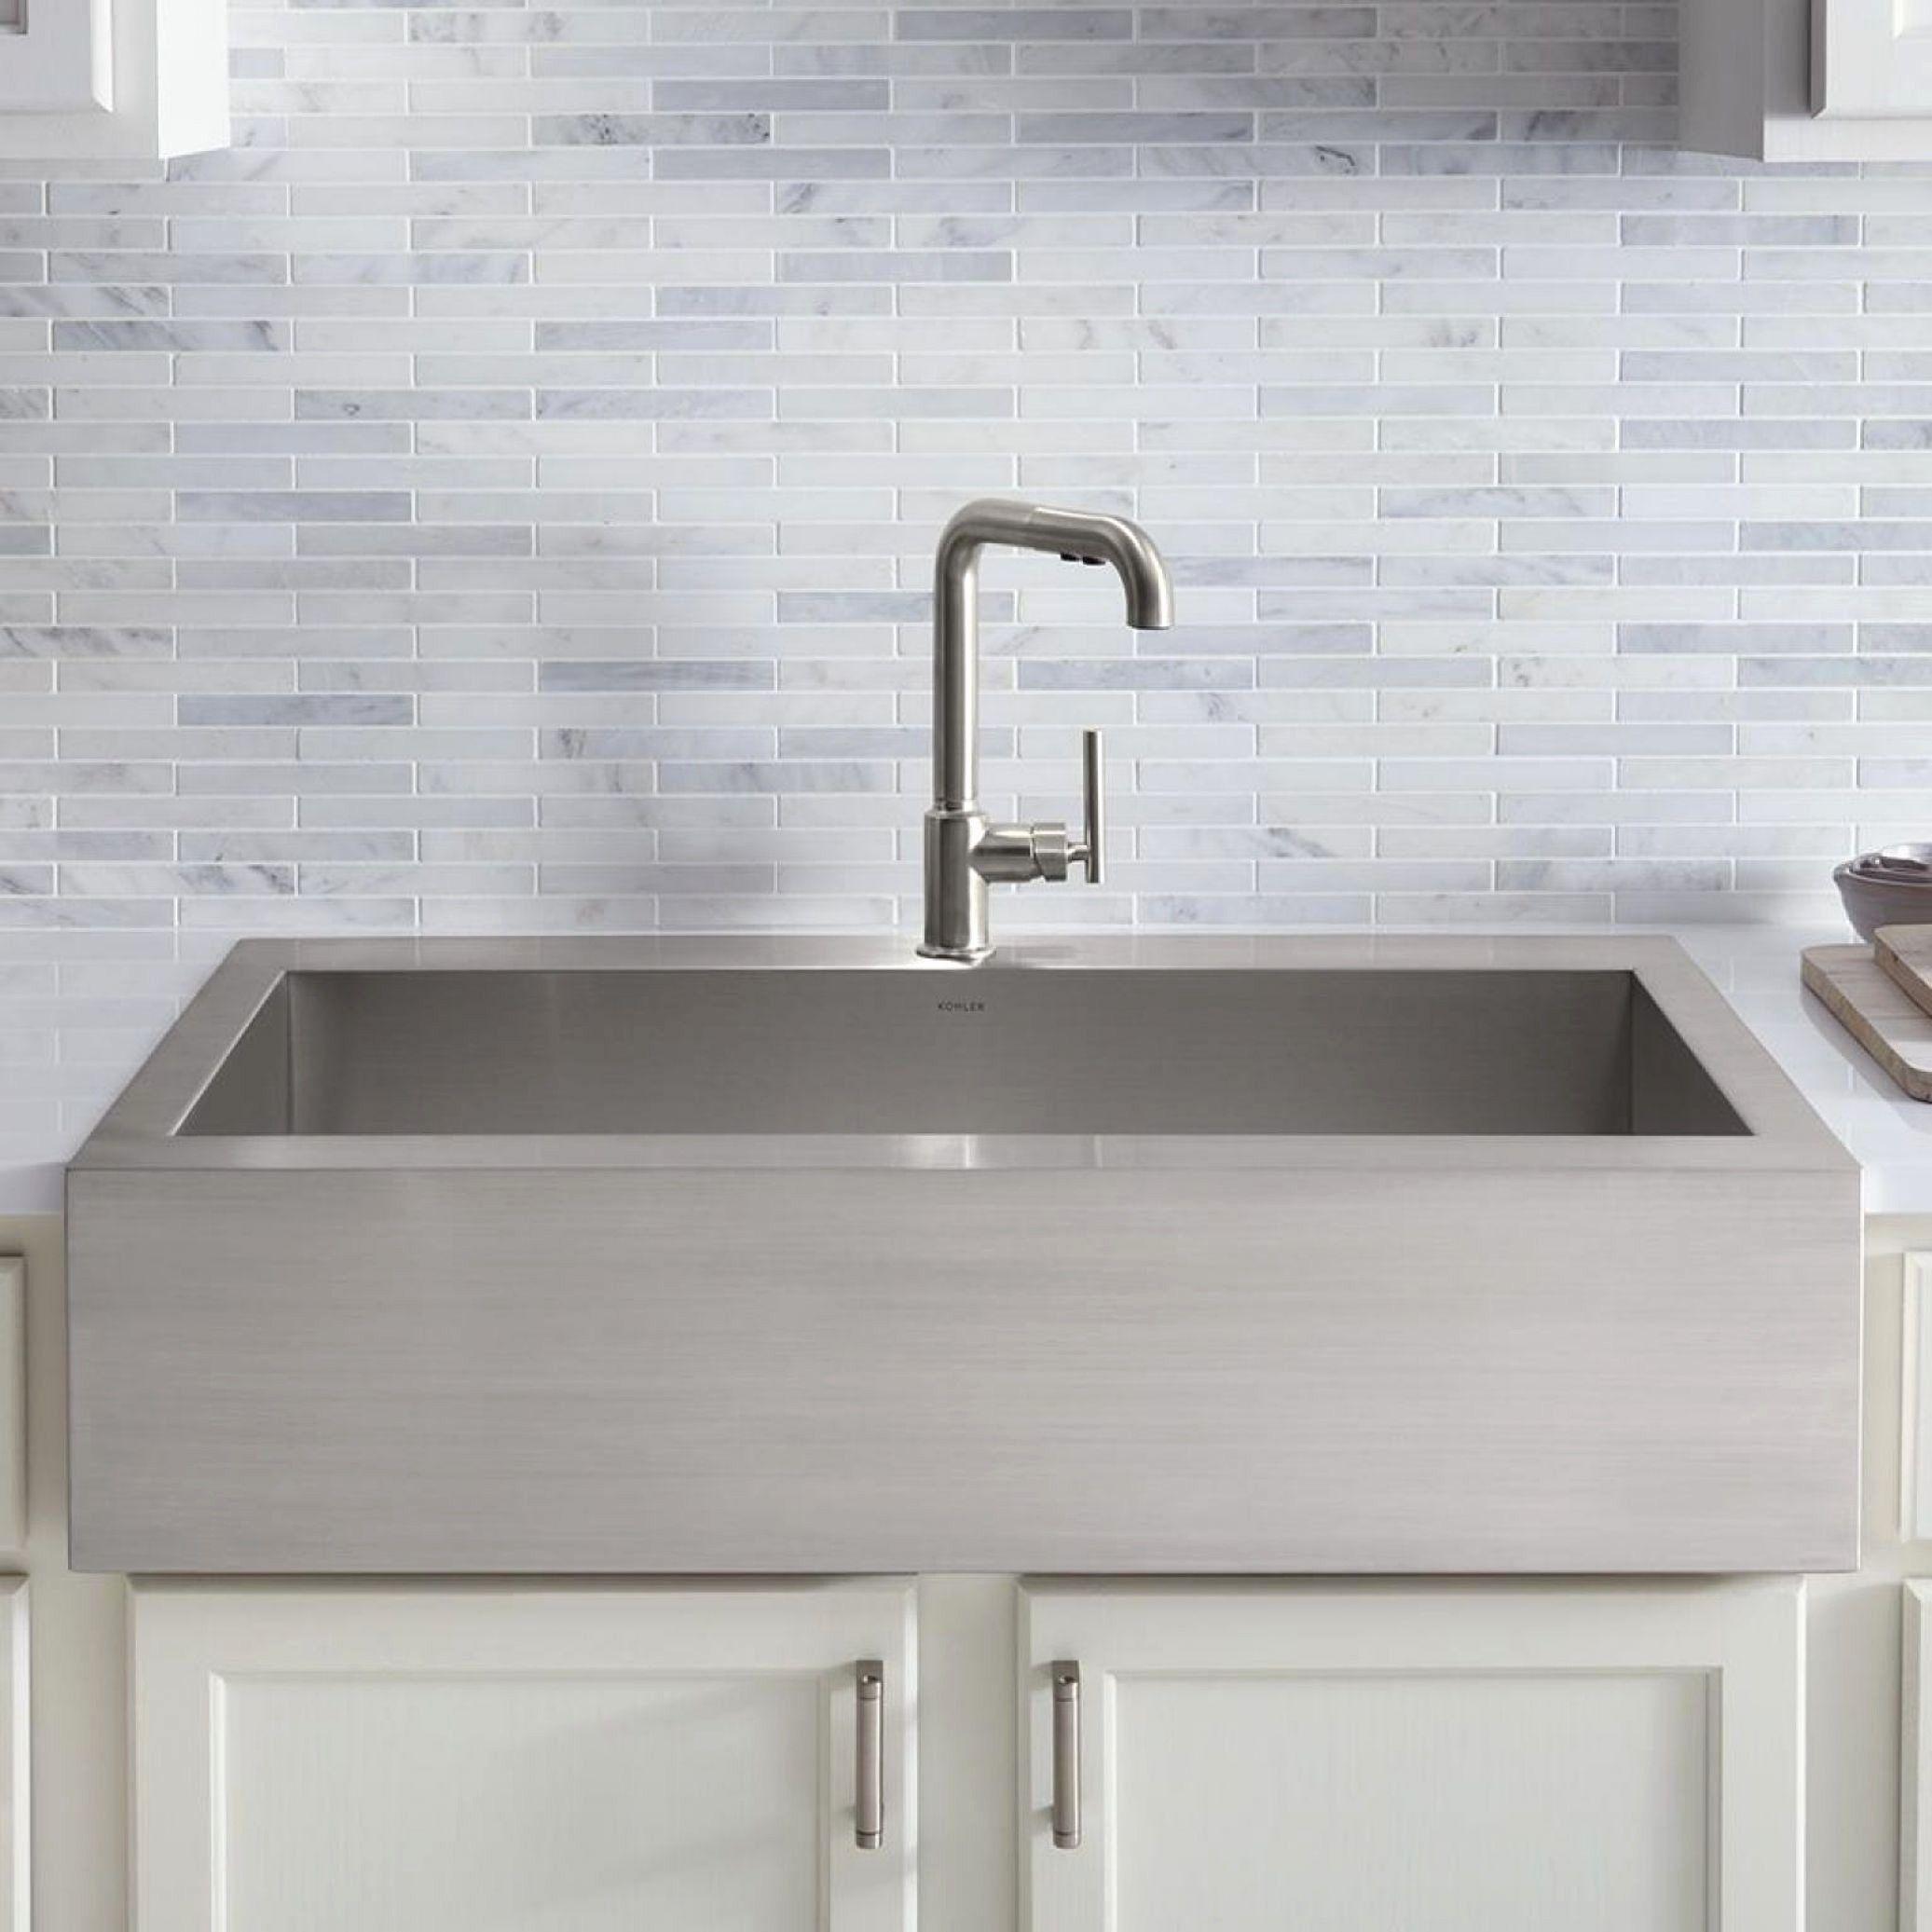 Unique Best Faucet for Farmhouse Sink | Faucet, Sinks and Kohler ...